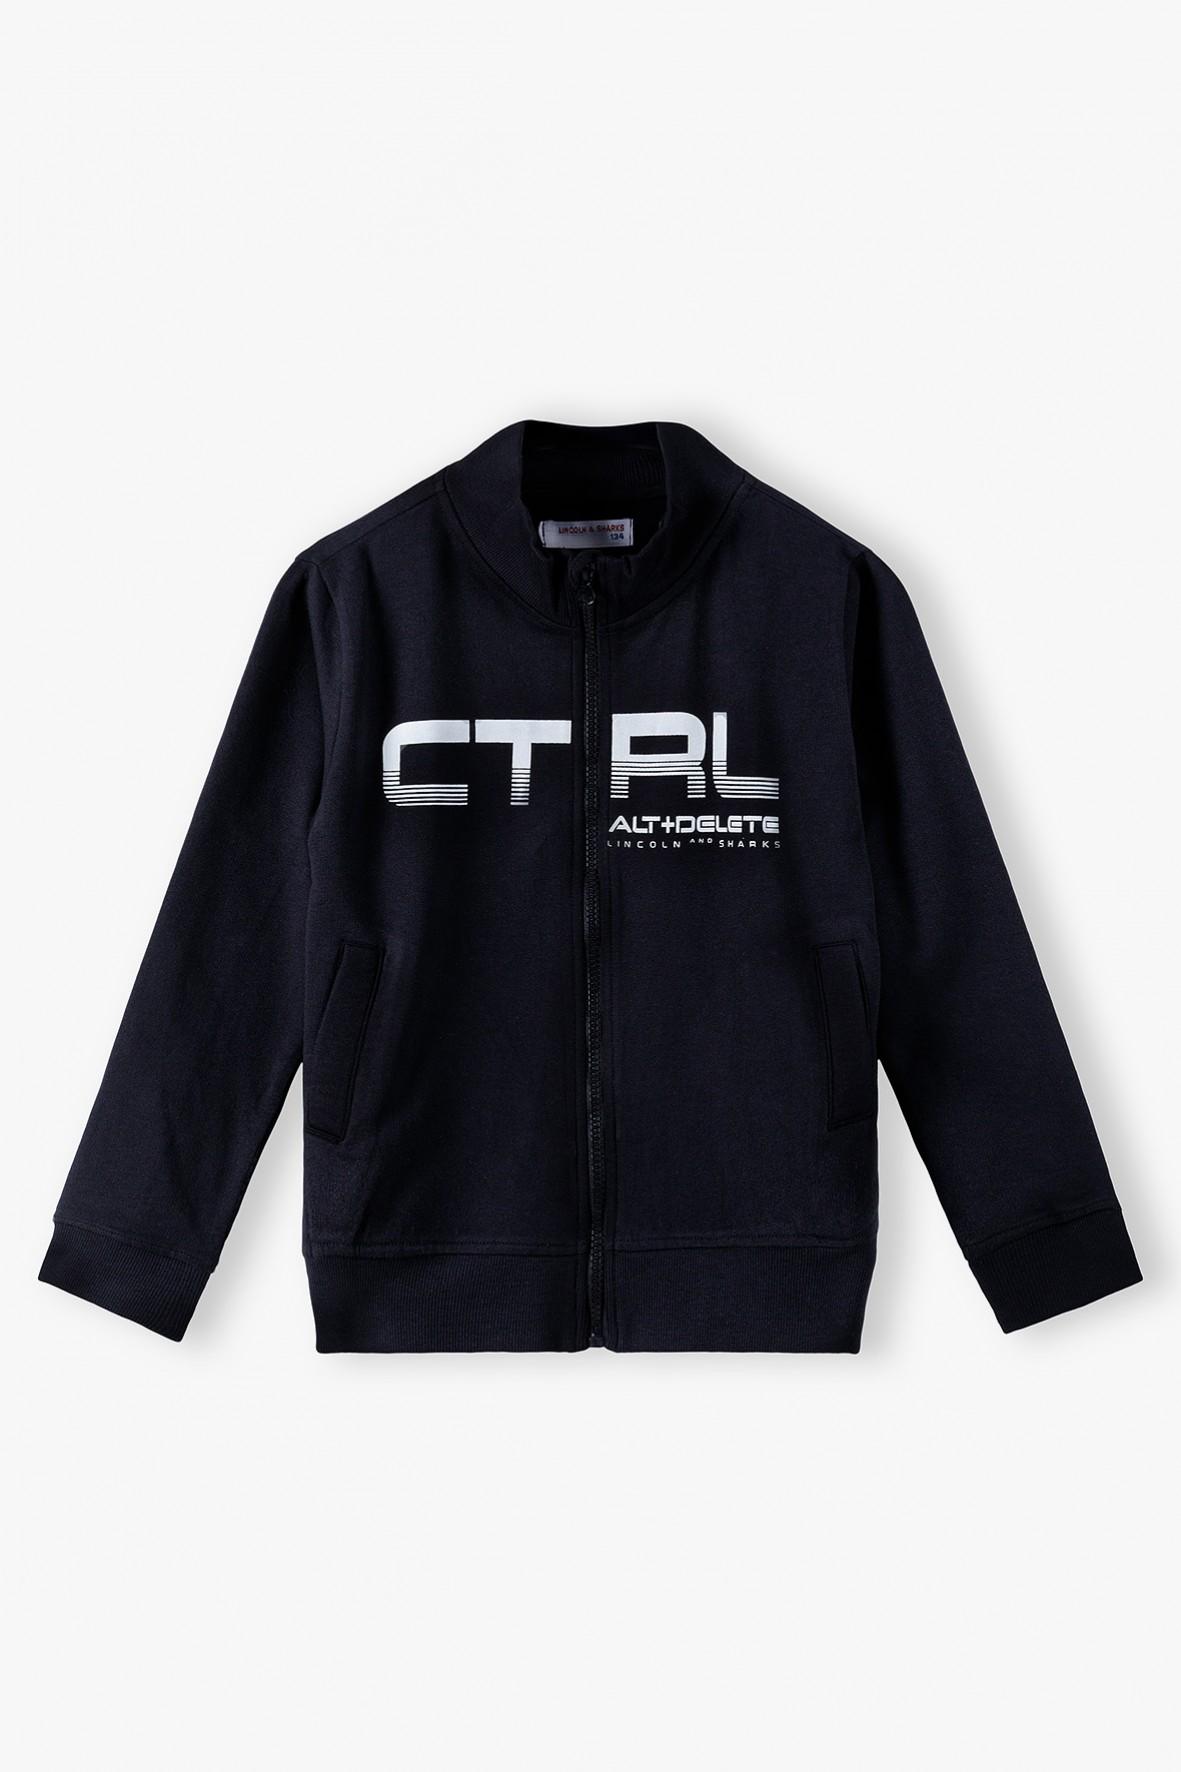 Czarna bluza dresowa chłopięca rozpinana CTRL ALT + DELETE